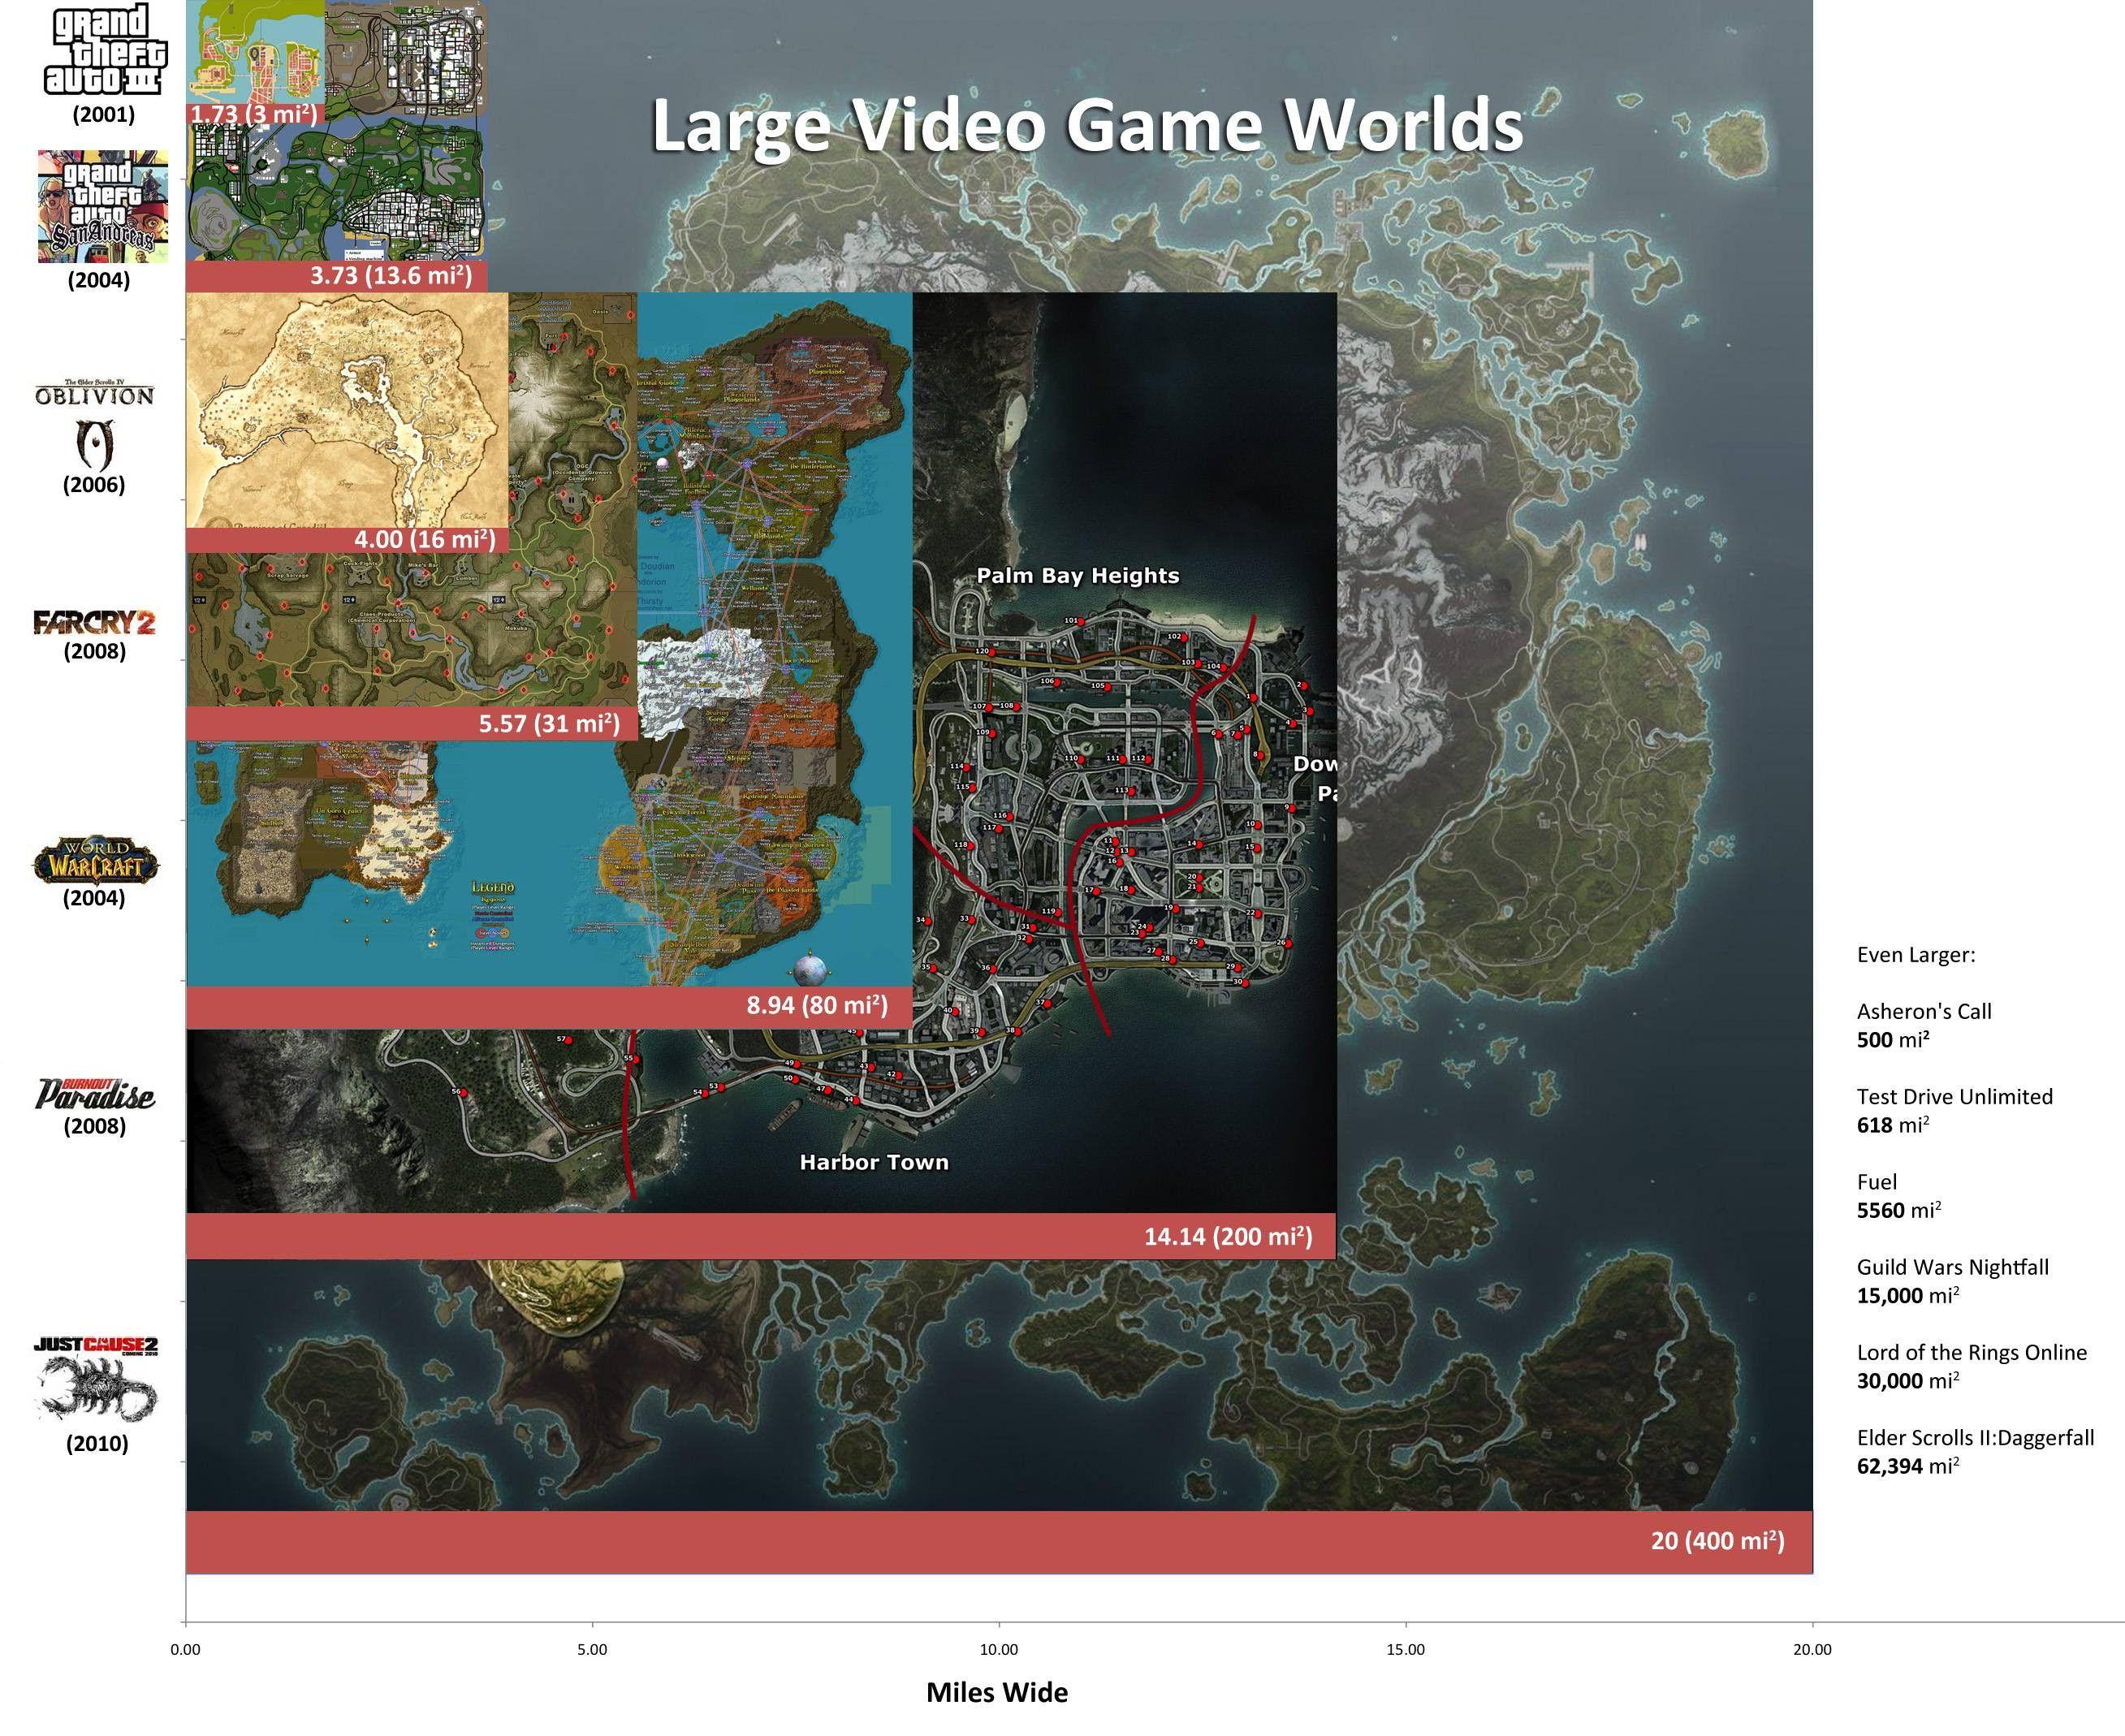 Сравнение карт различных игровых миров. Никогда бы не подумал, что